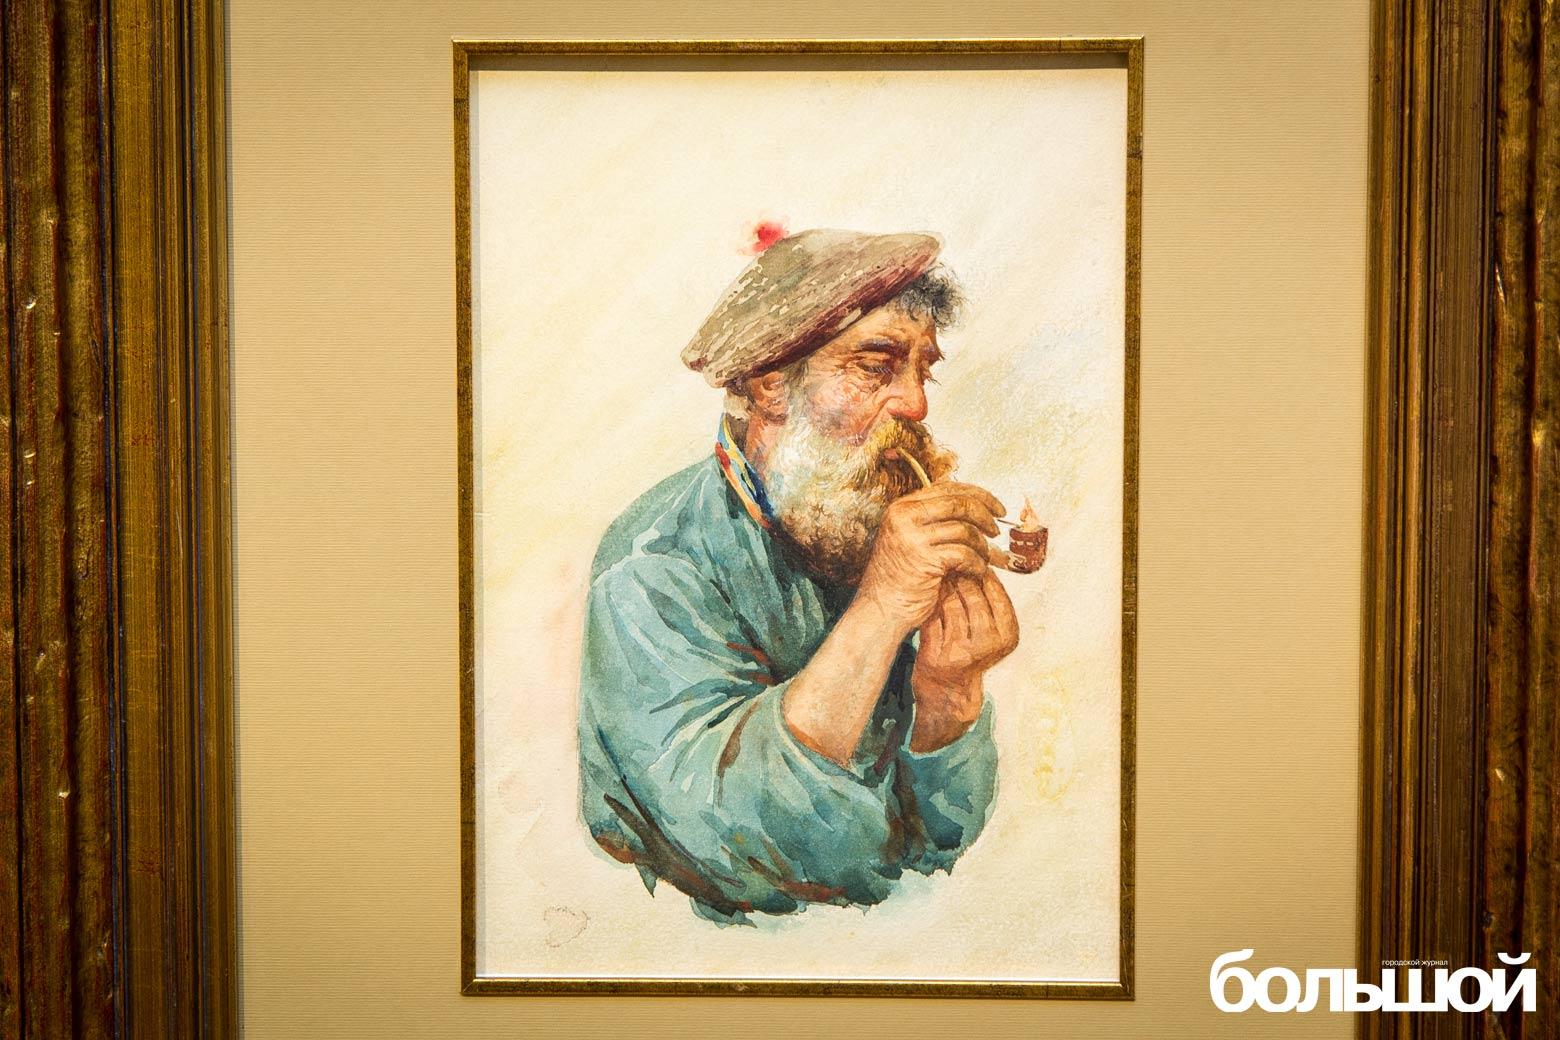 Рыбак-с-курительной-трубкой